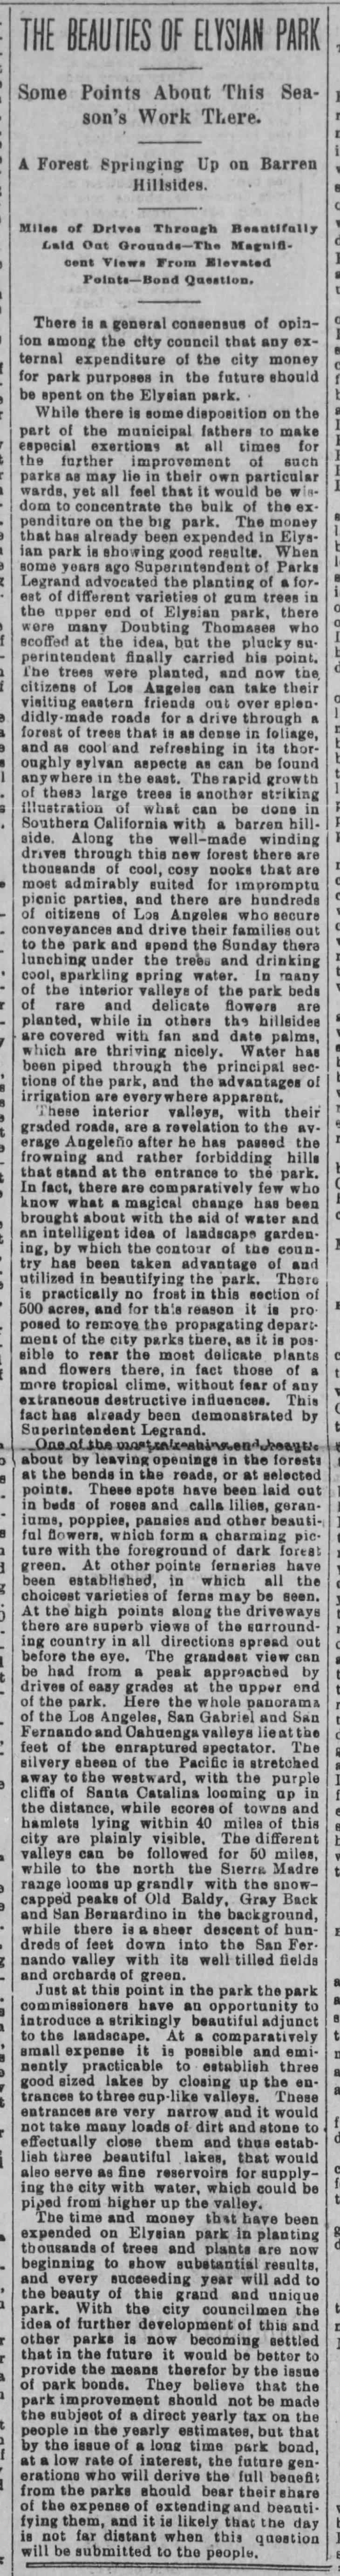 Elysian Park beauties Los_Angeles_Herald_Sun__Apr_22__1894_